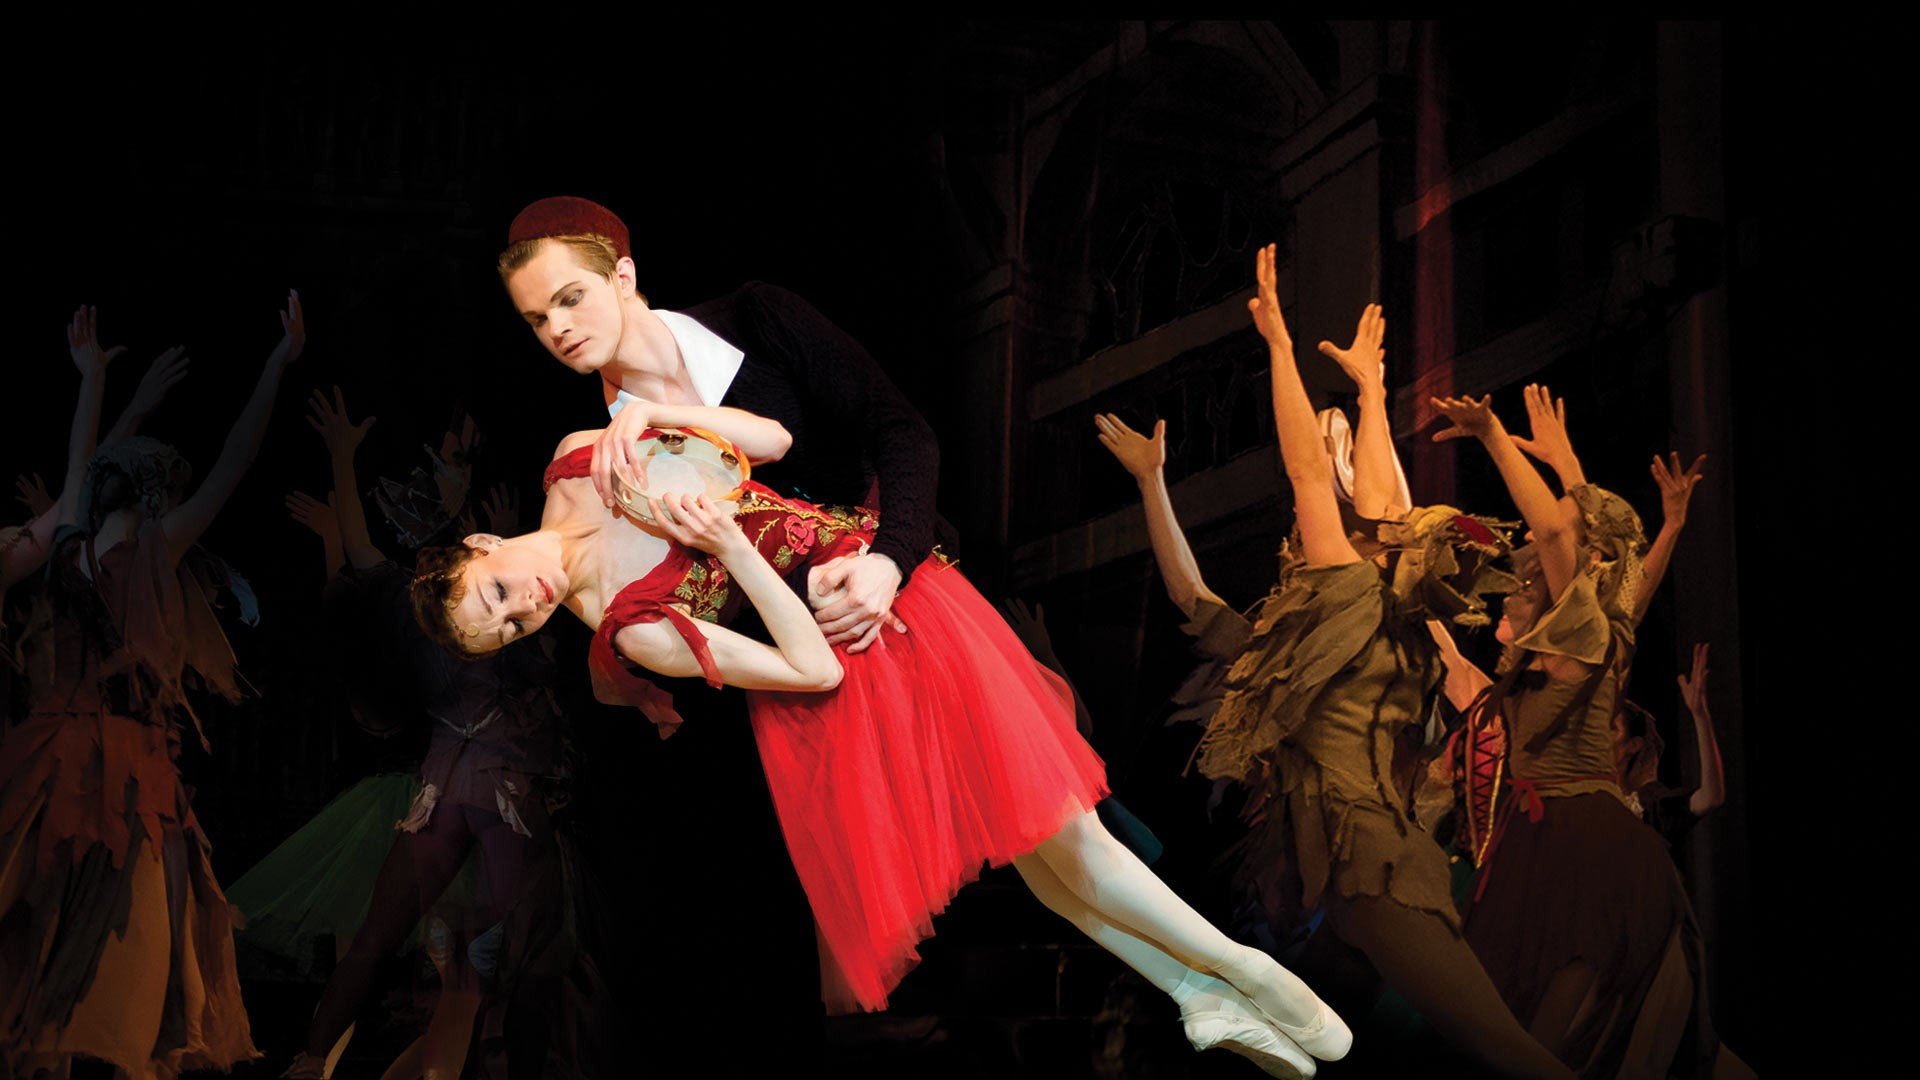 """IX Международный фестиваль балета в Кремле. Эсмеральда. Ц. Пуни, Р. Дриго. Спектакль театра """"Кремлёвский балет"""""""